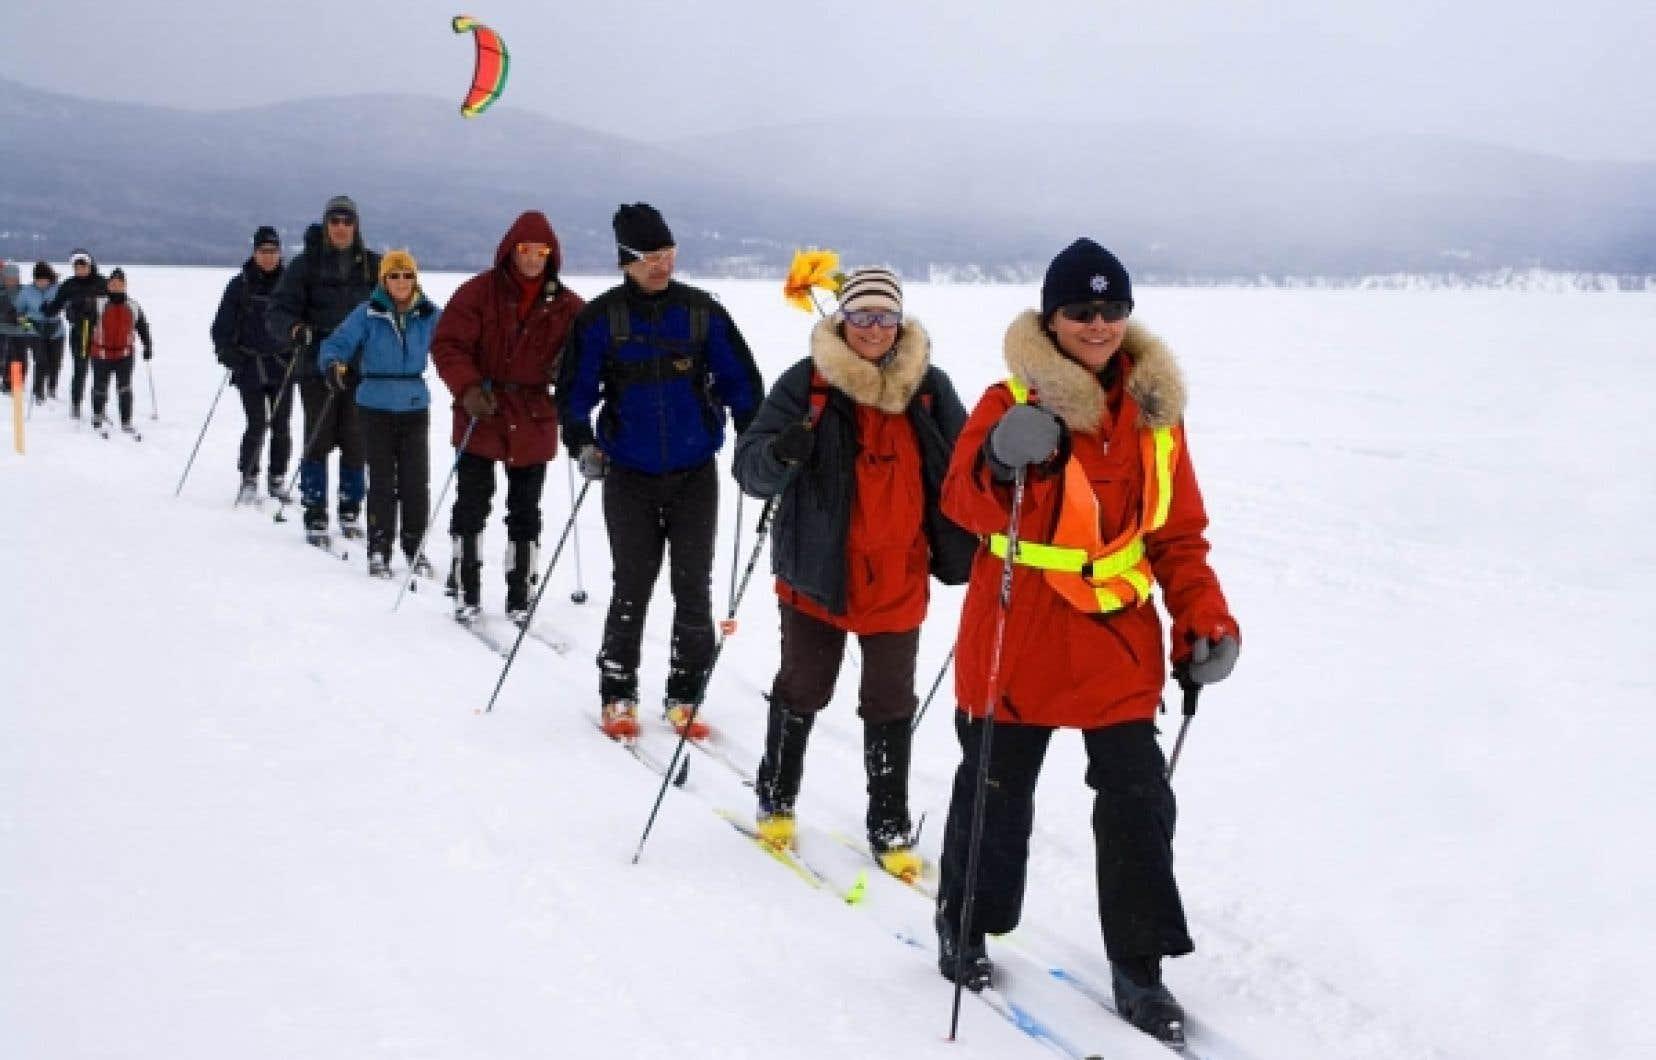 La Traversée de la Gaspésie a pris son envol dimanche avec plus de 200 participants.<br />